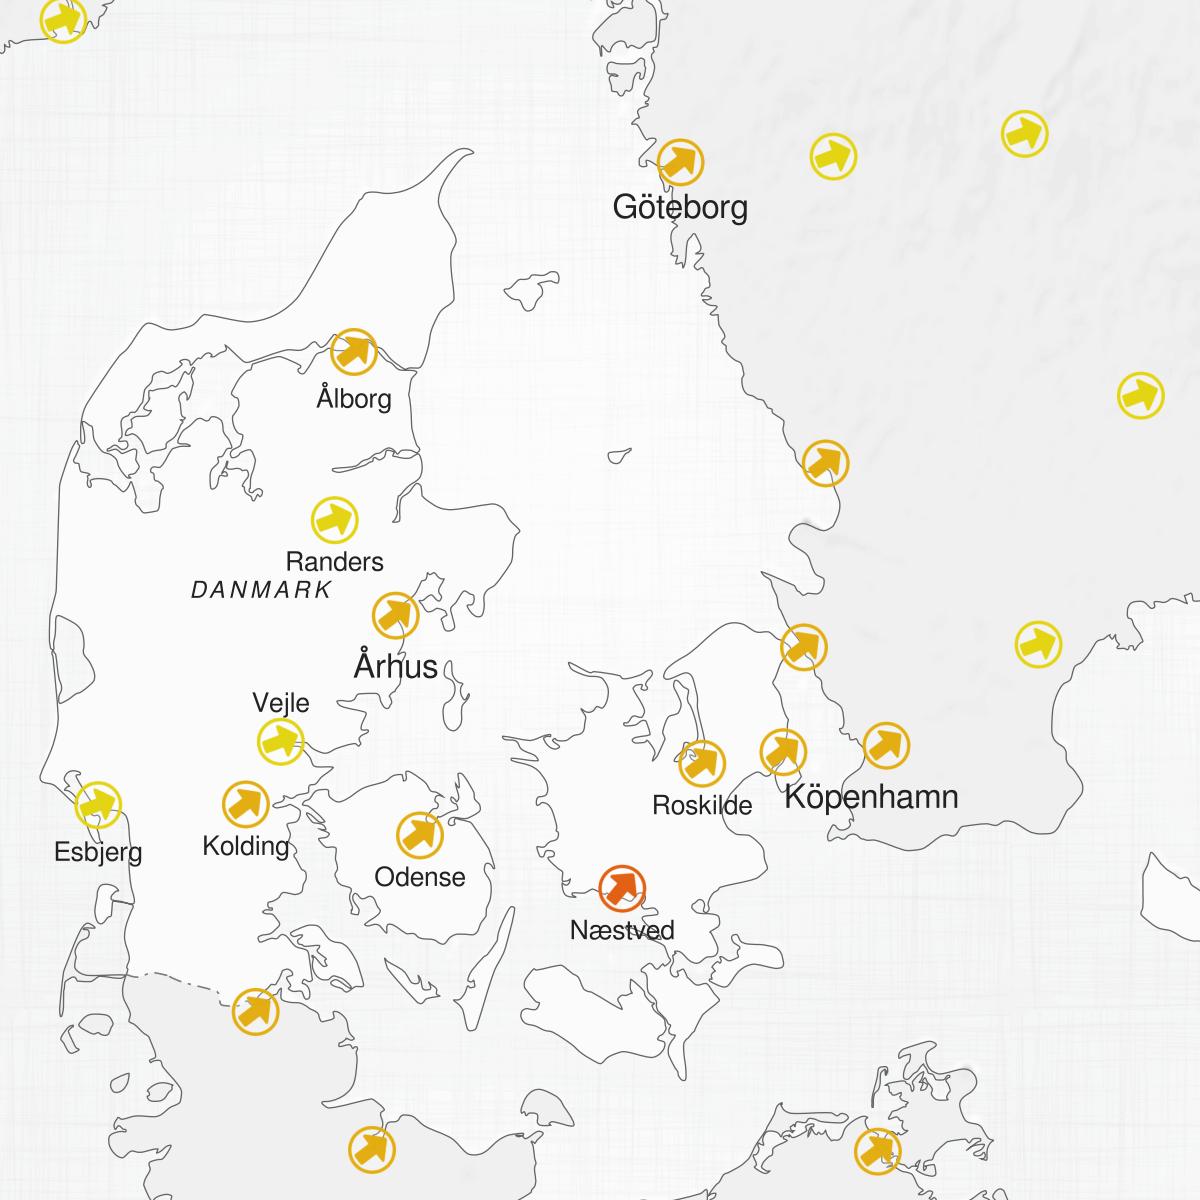 Städer i Danmark